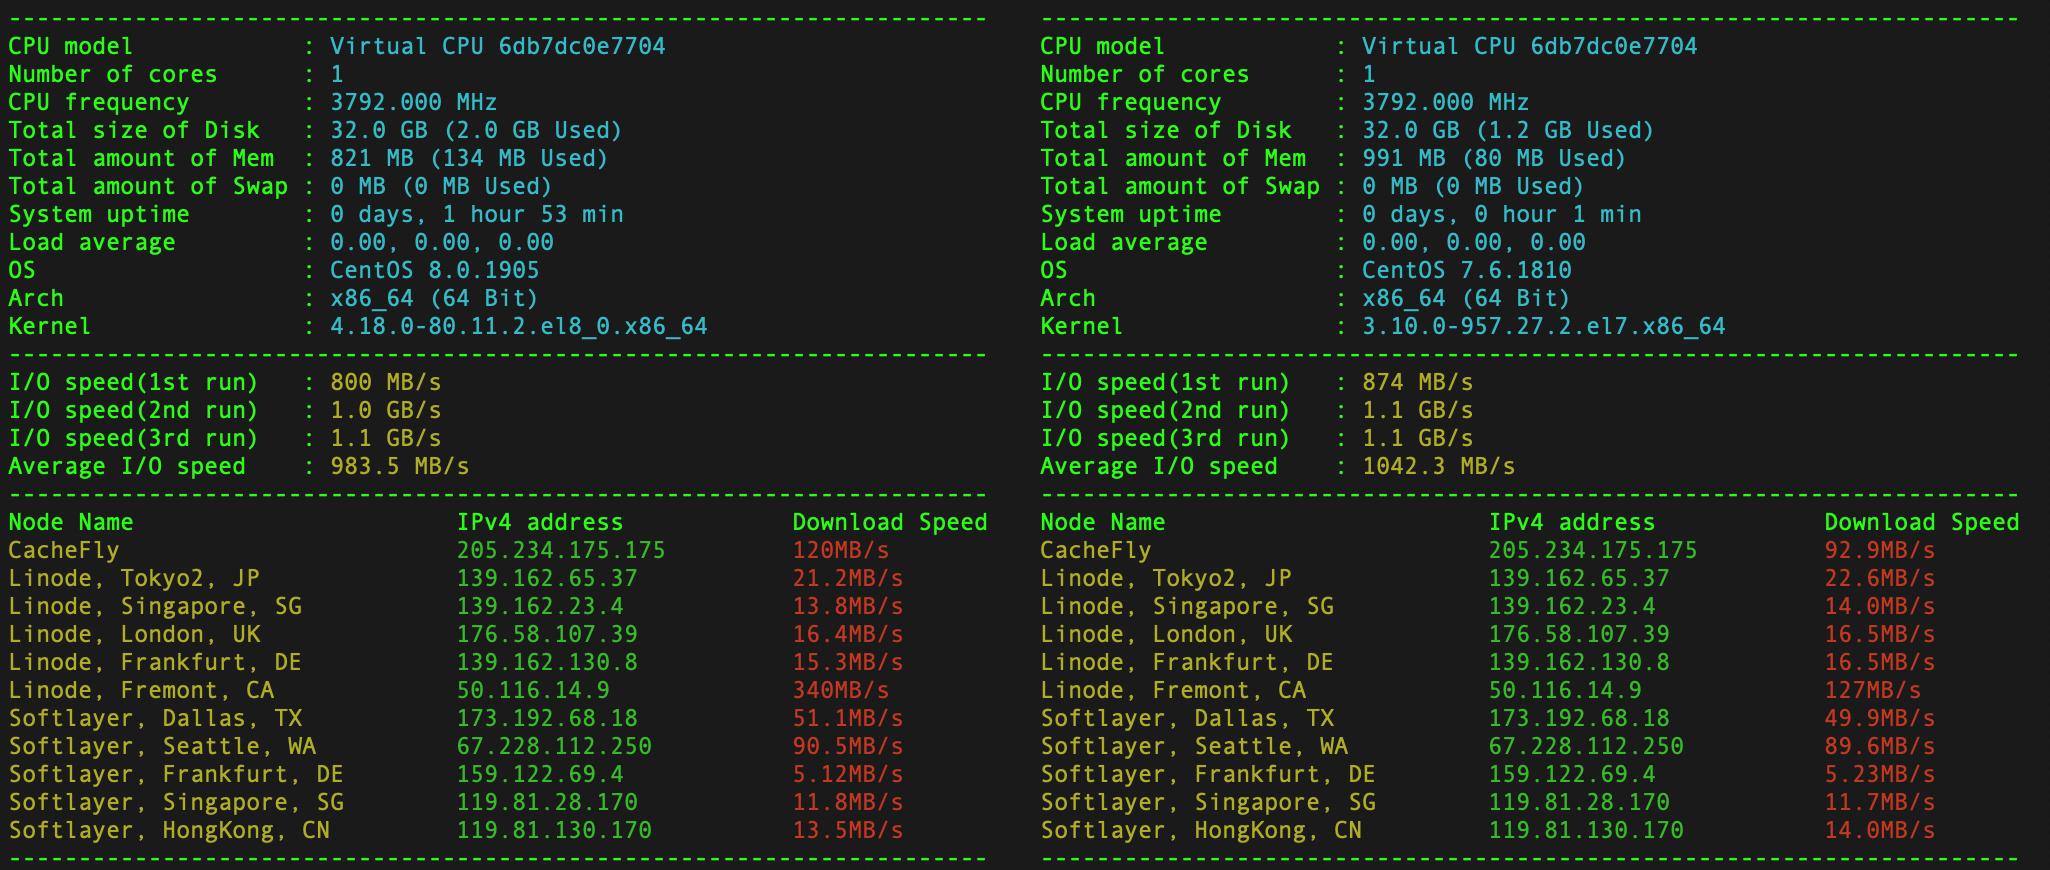 同样配置的VPS在不同的系统下可用内存不一样